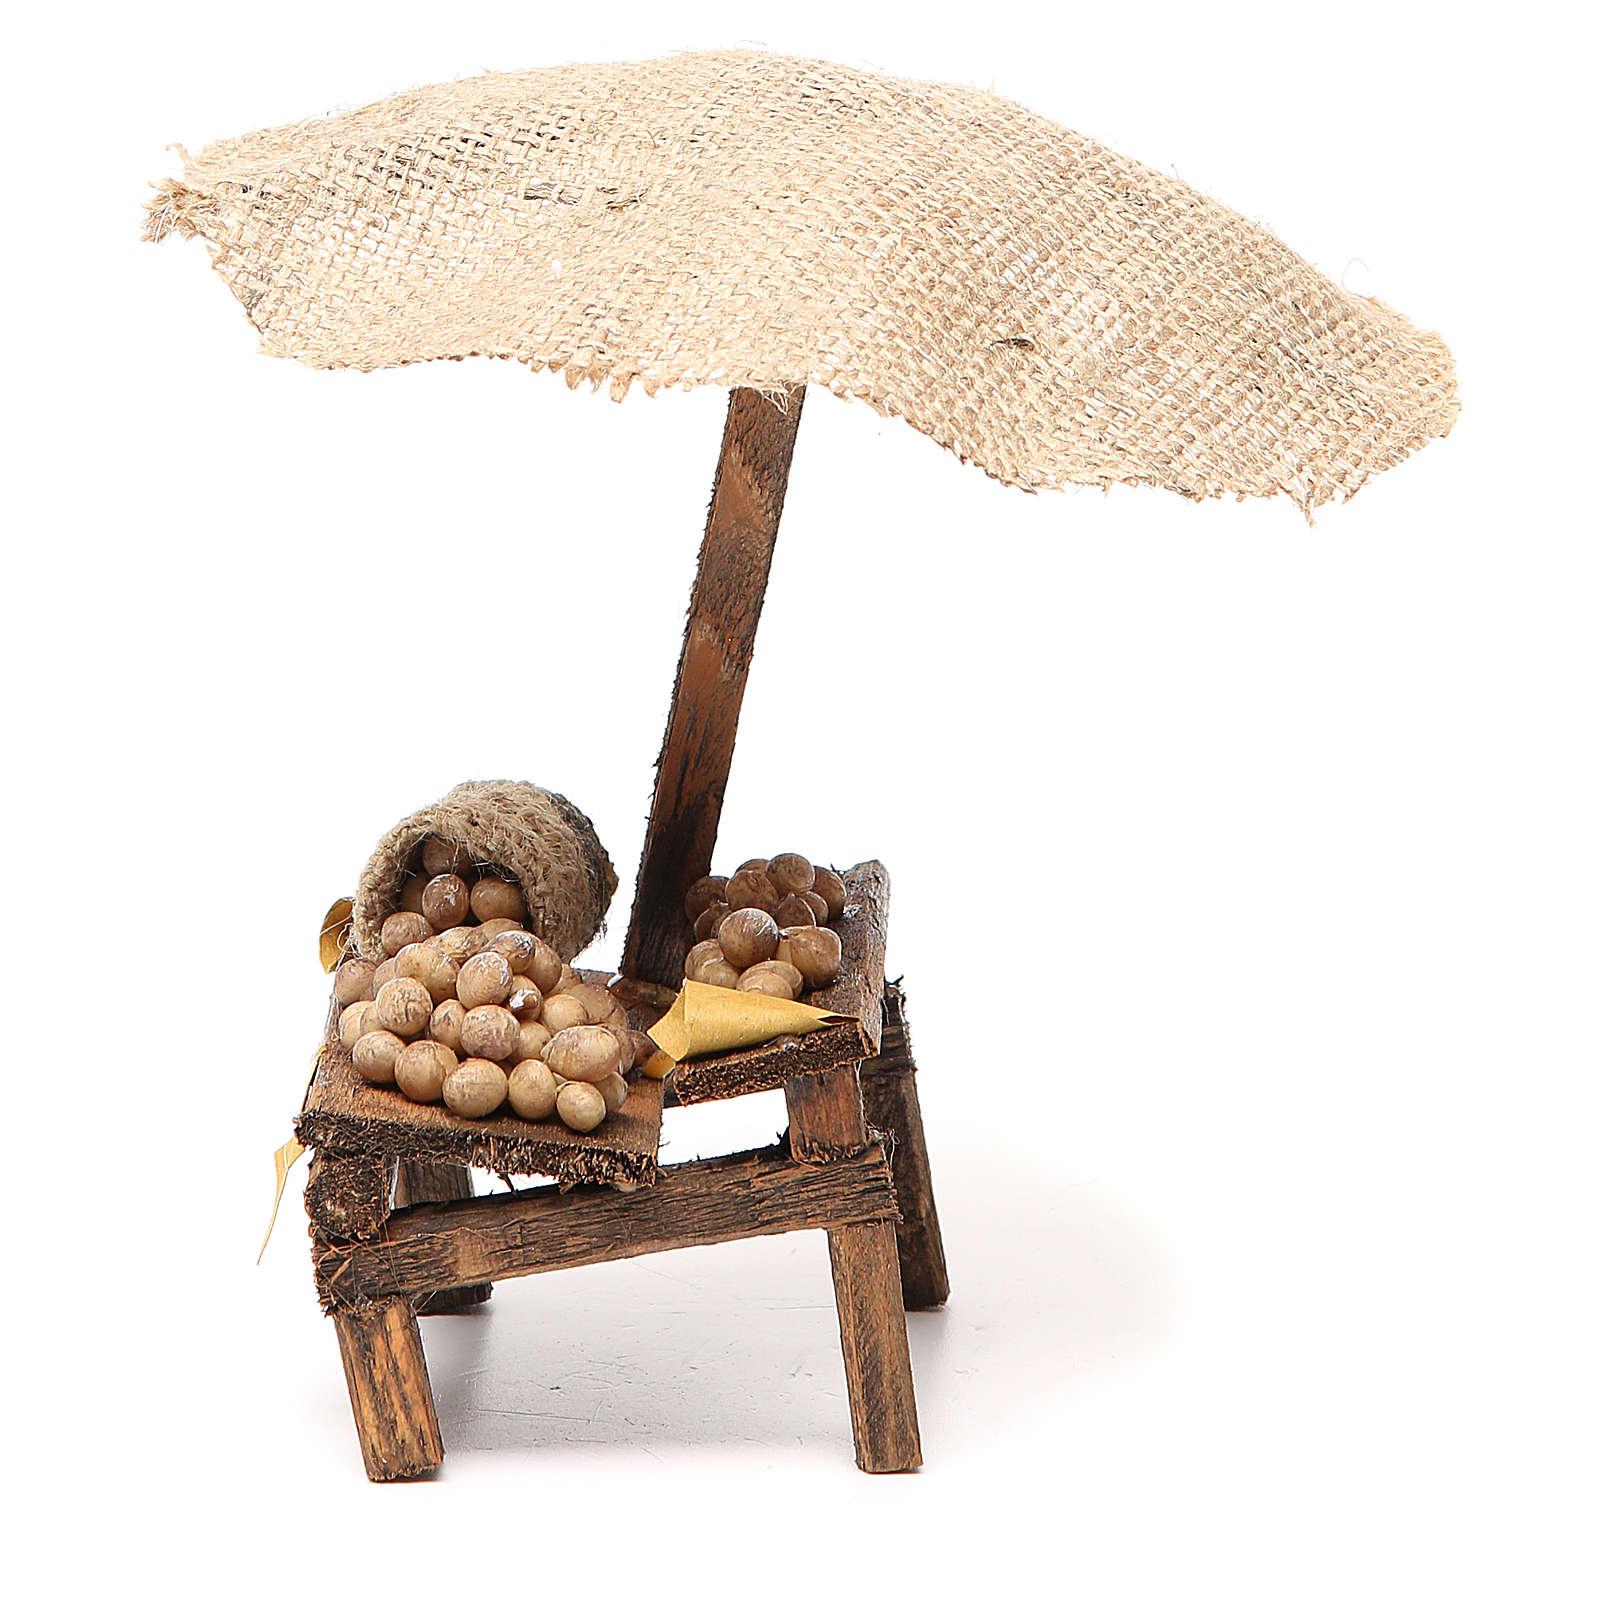 Banc de marché crèche oeufs et parasol 16x10x12 cm 4